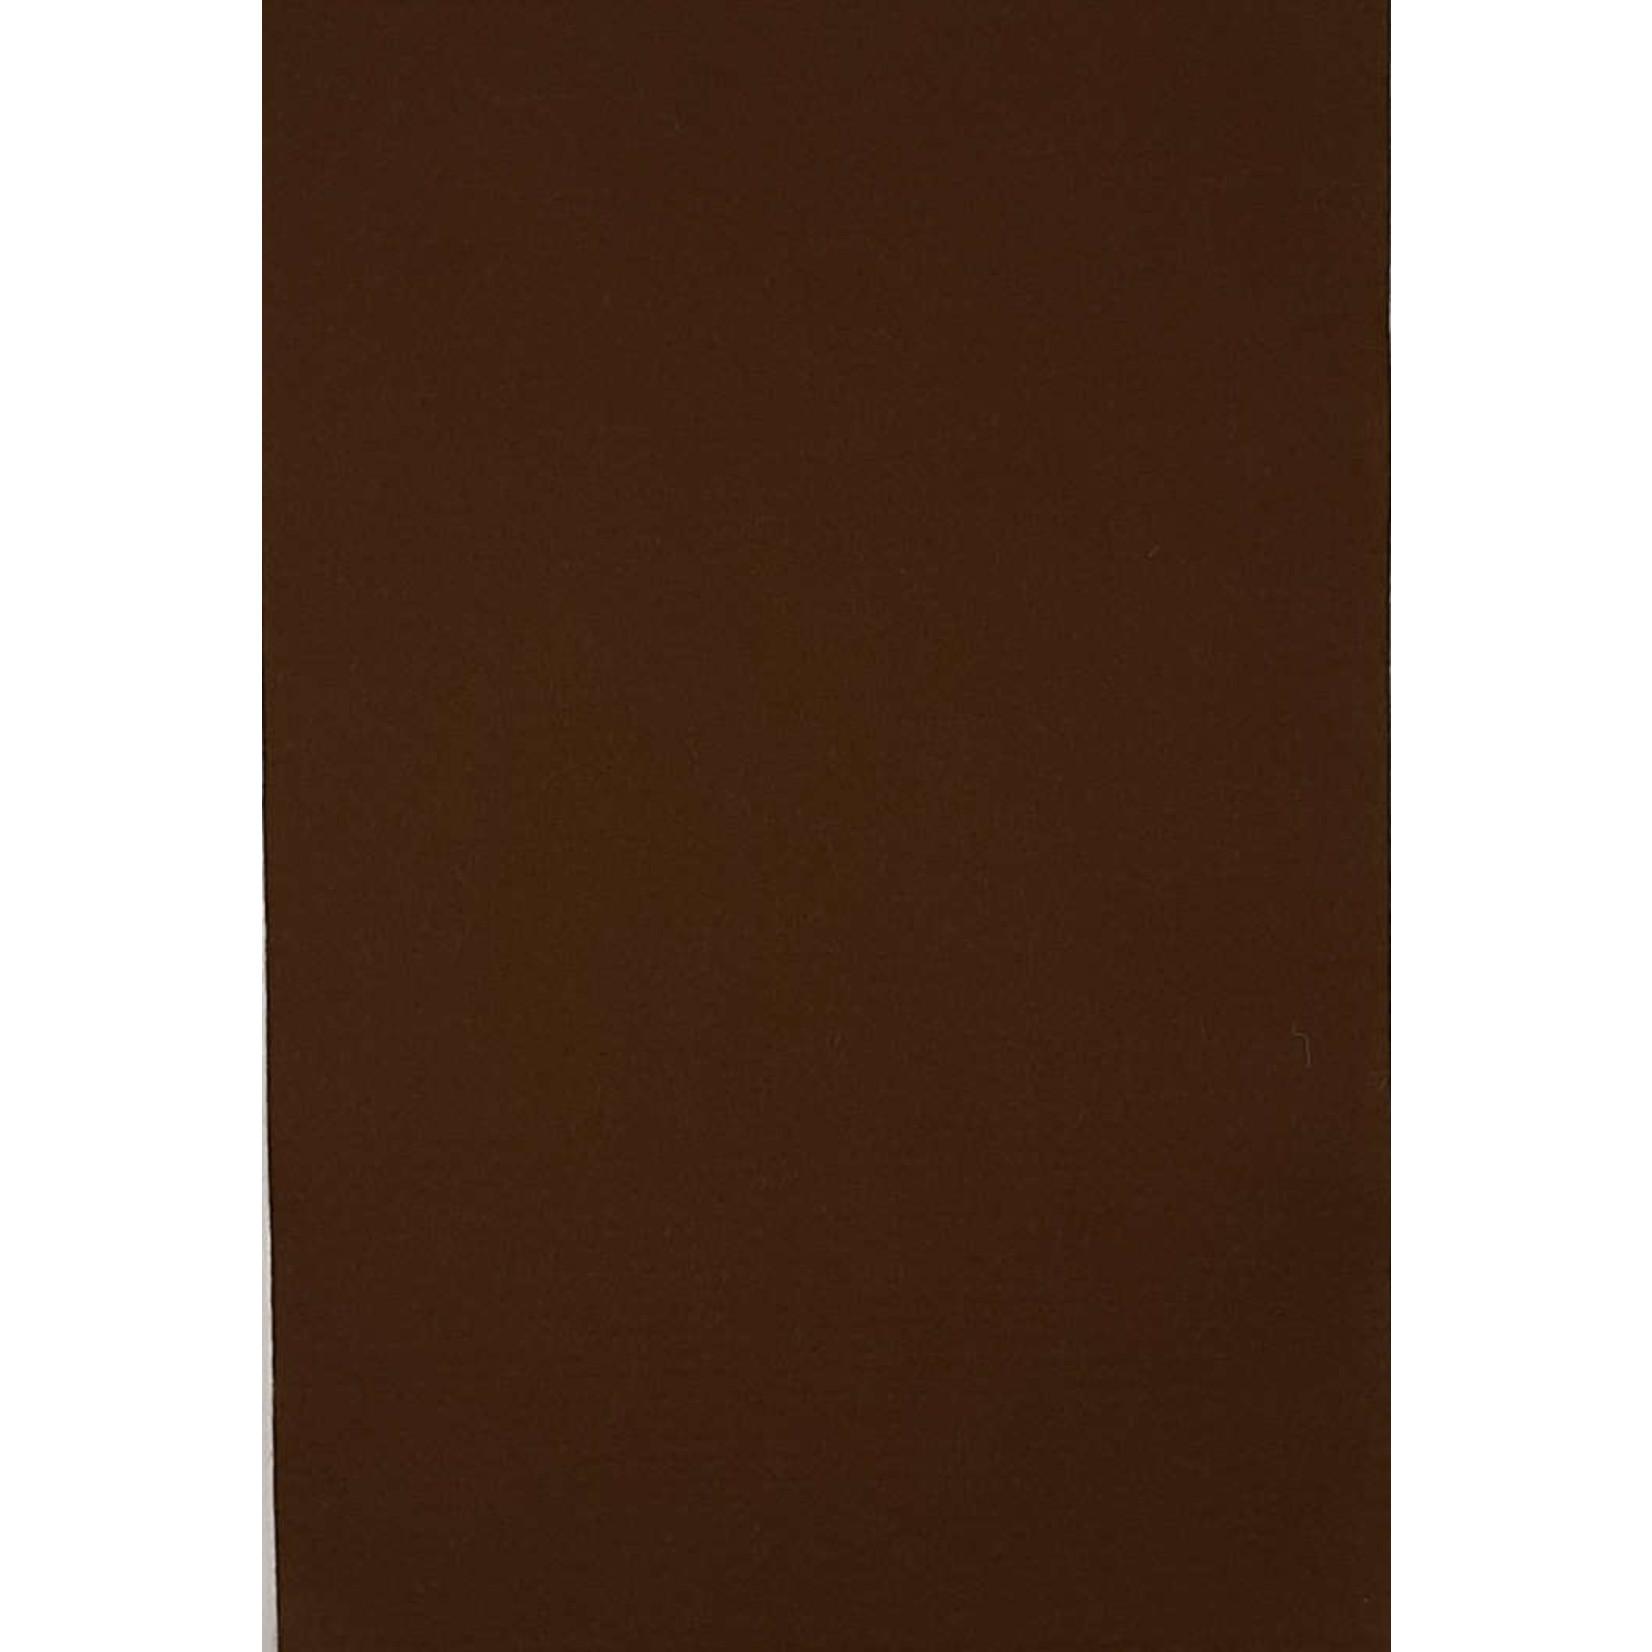 HollandFelt Wolvilt - lapje 20 x 30 cm. - kleur 16 - Bruin - zuiver scheerwol- 1 mm. dik